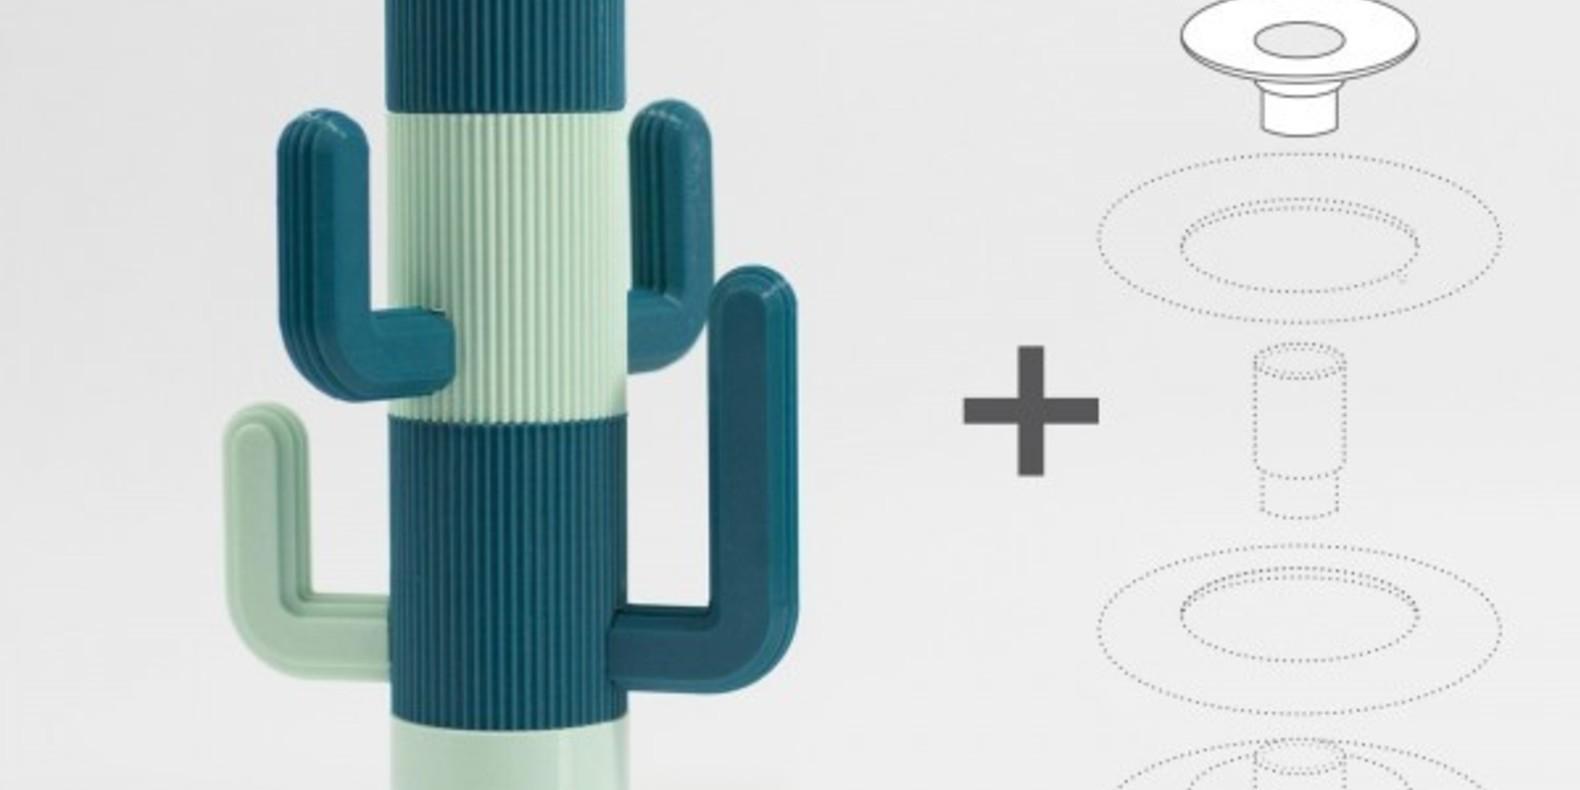 UAU Project eumakers eumakeit cults fichier 3D cactus stand pour bijoux 3